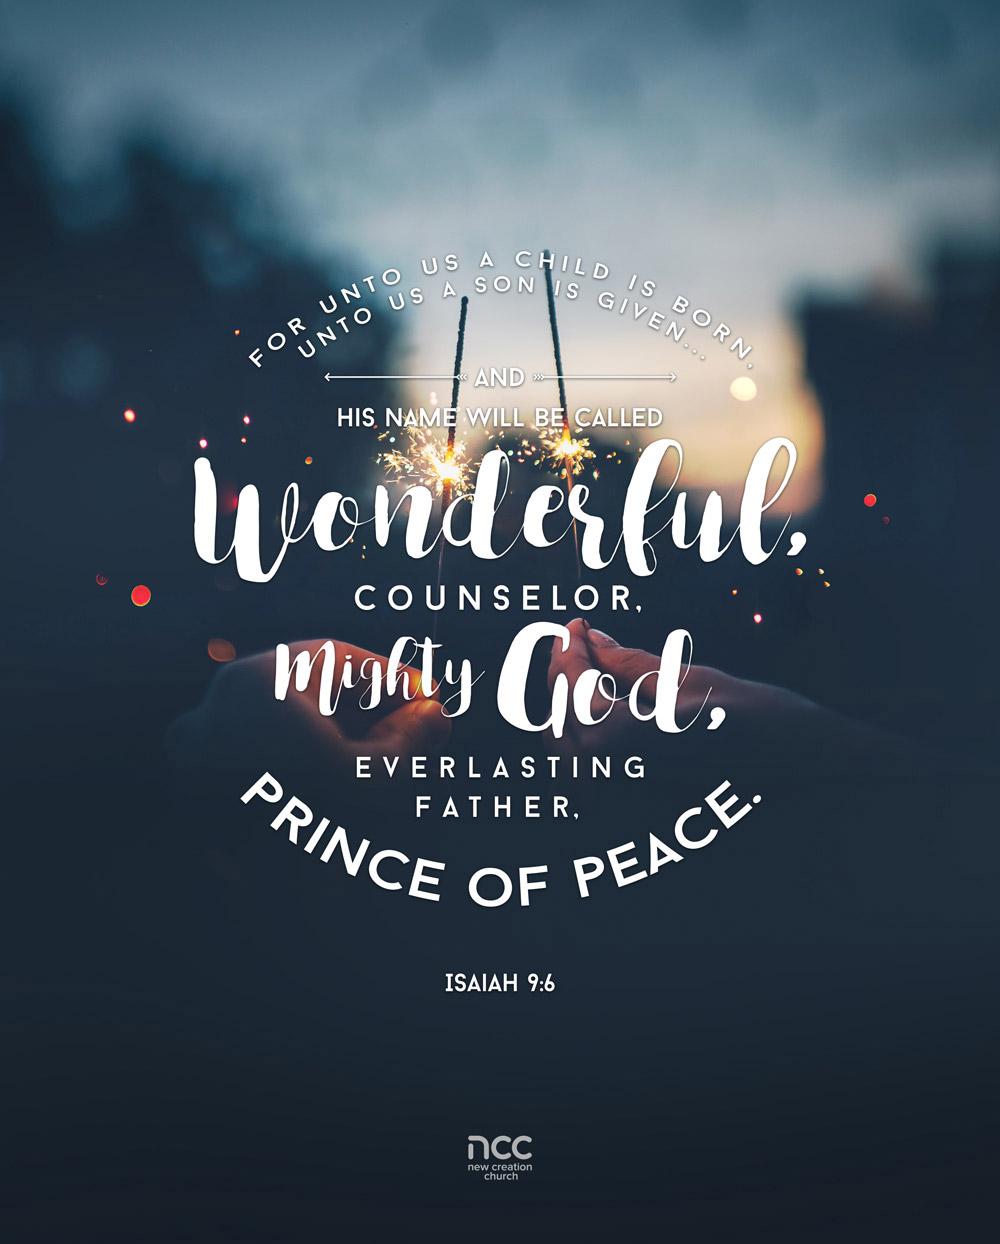 12_Dec Gottes Versprechen – Bibelverse zur Ermutigung | New Creation TV